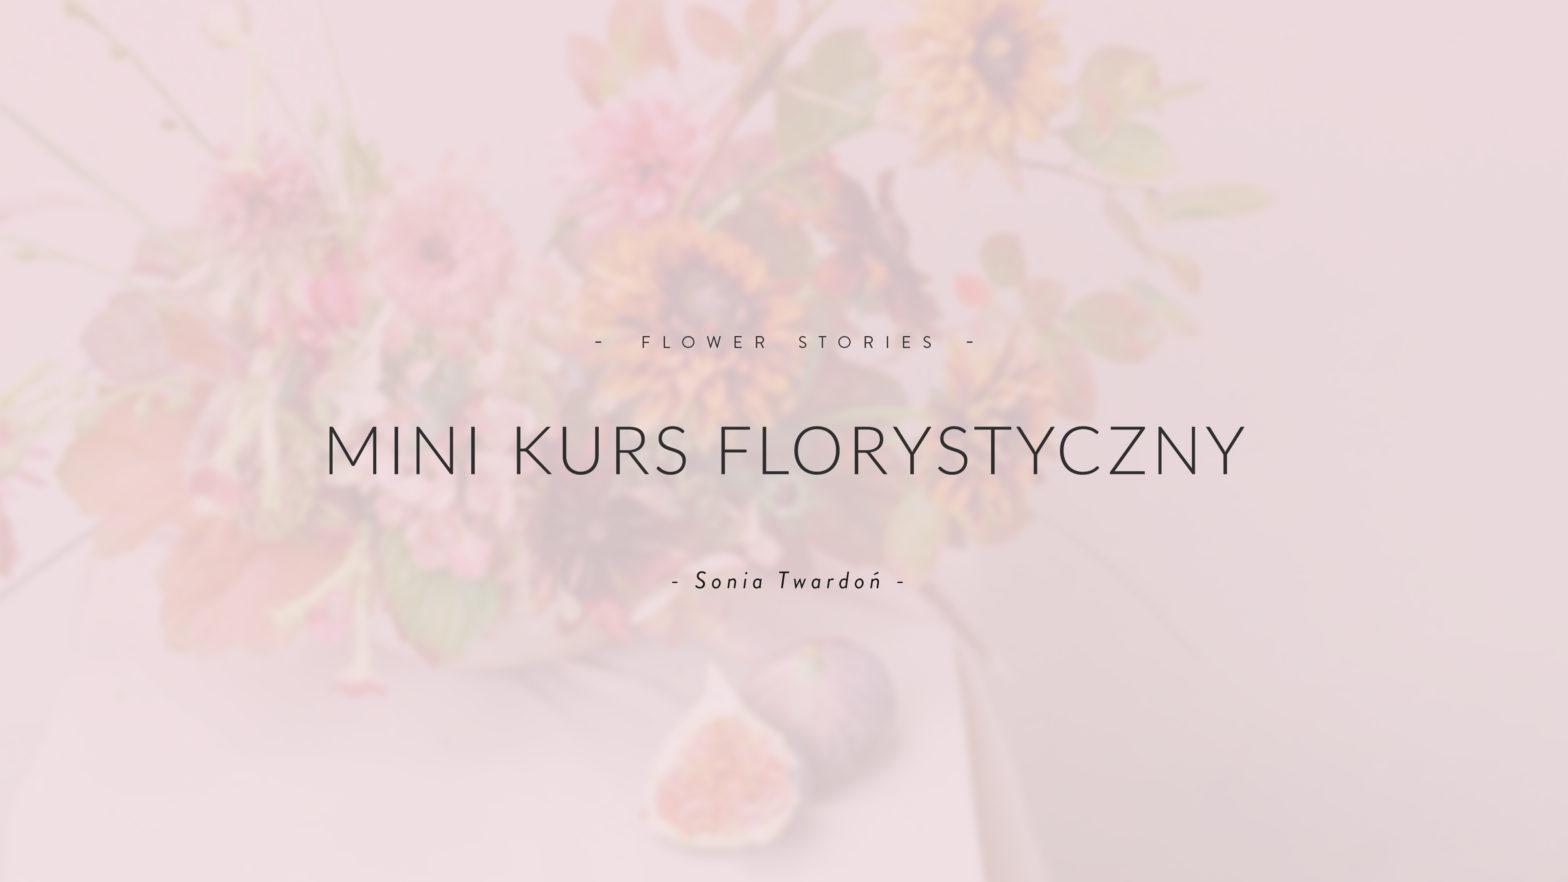 mini kurs florysytyczny online